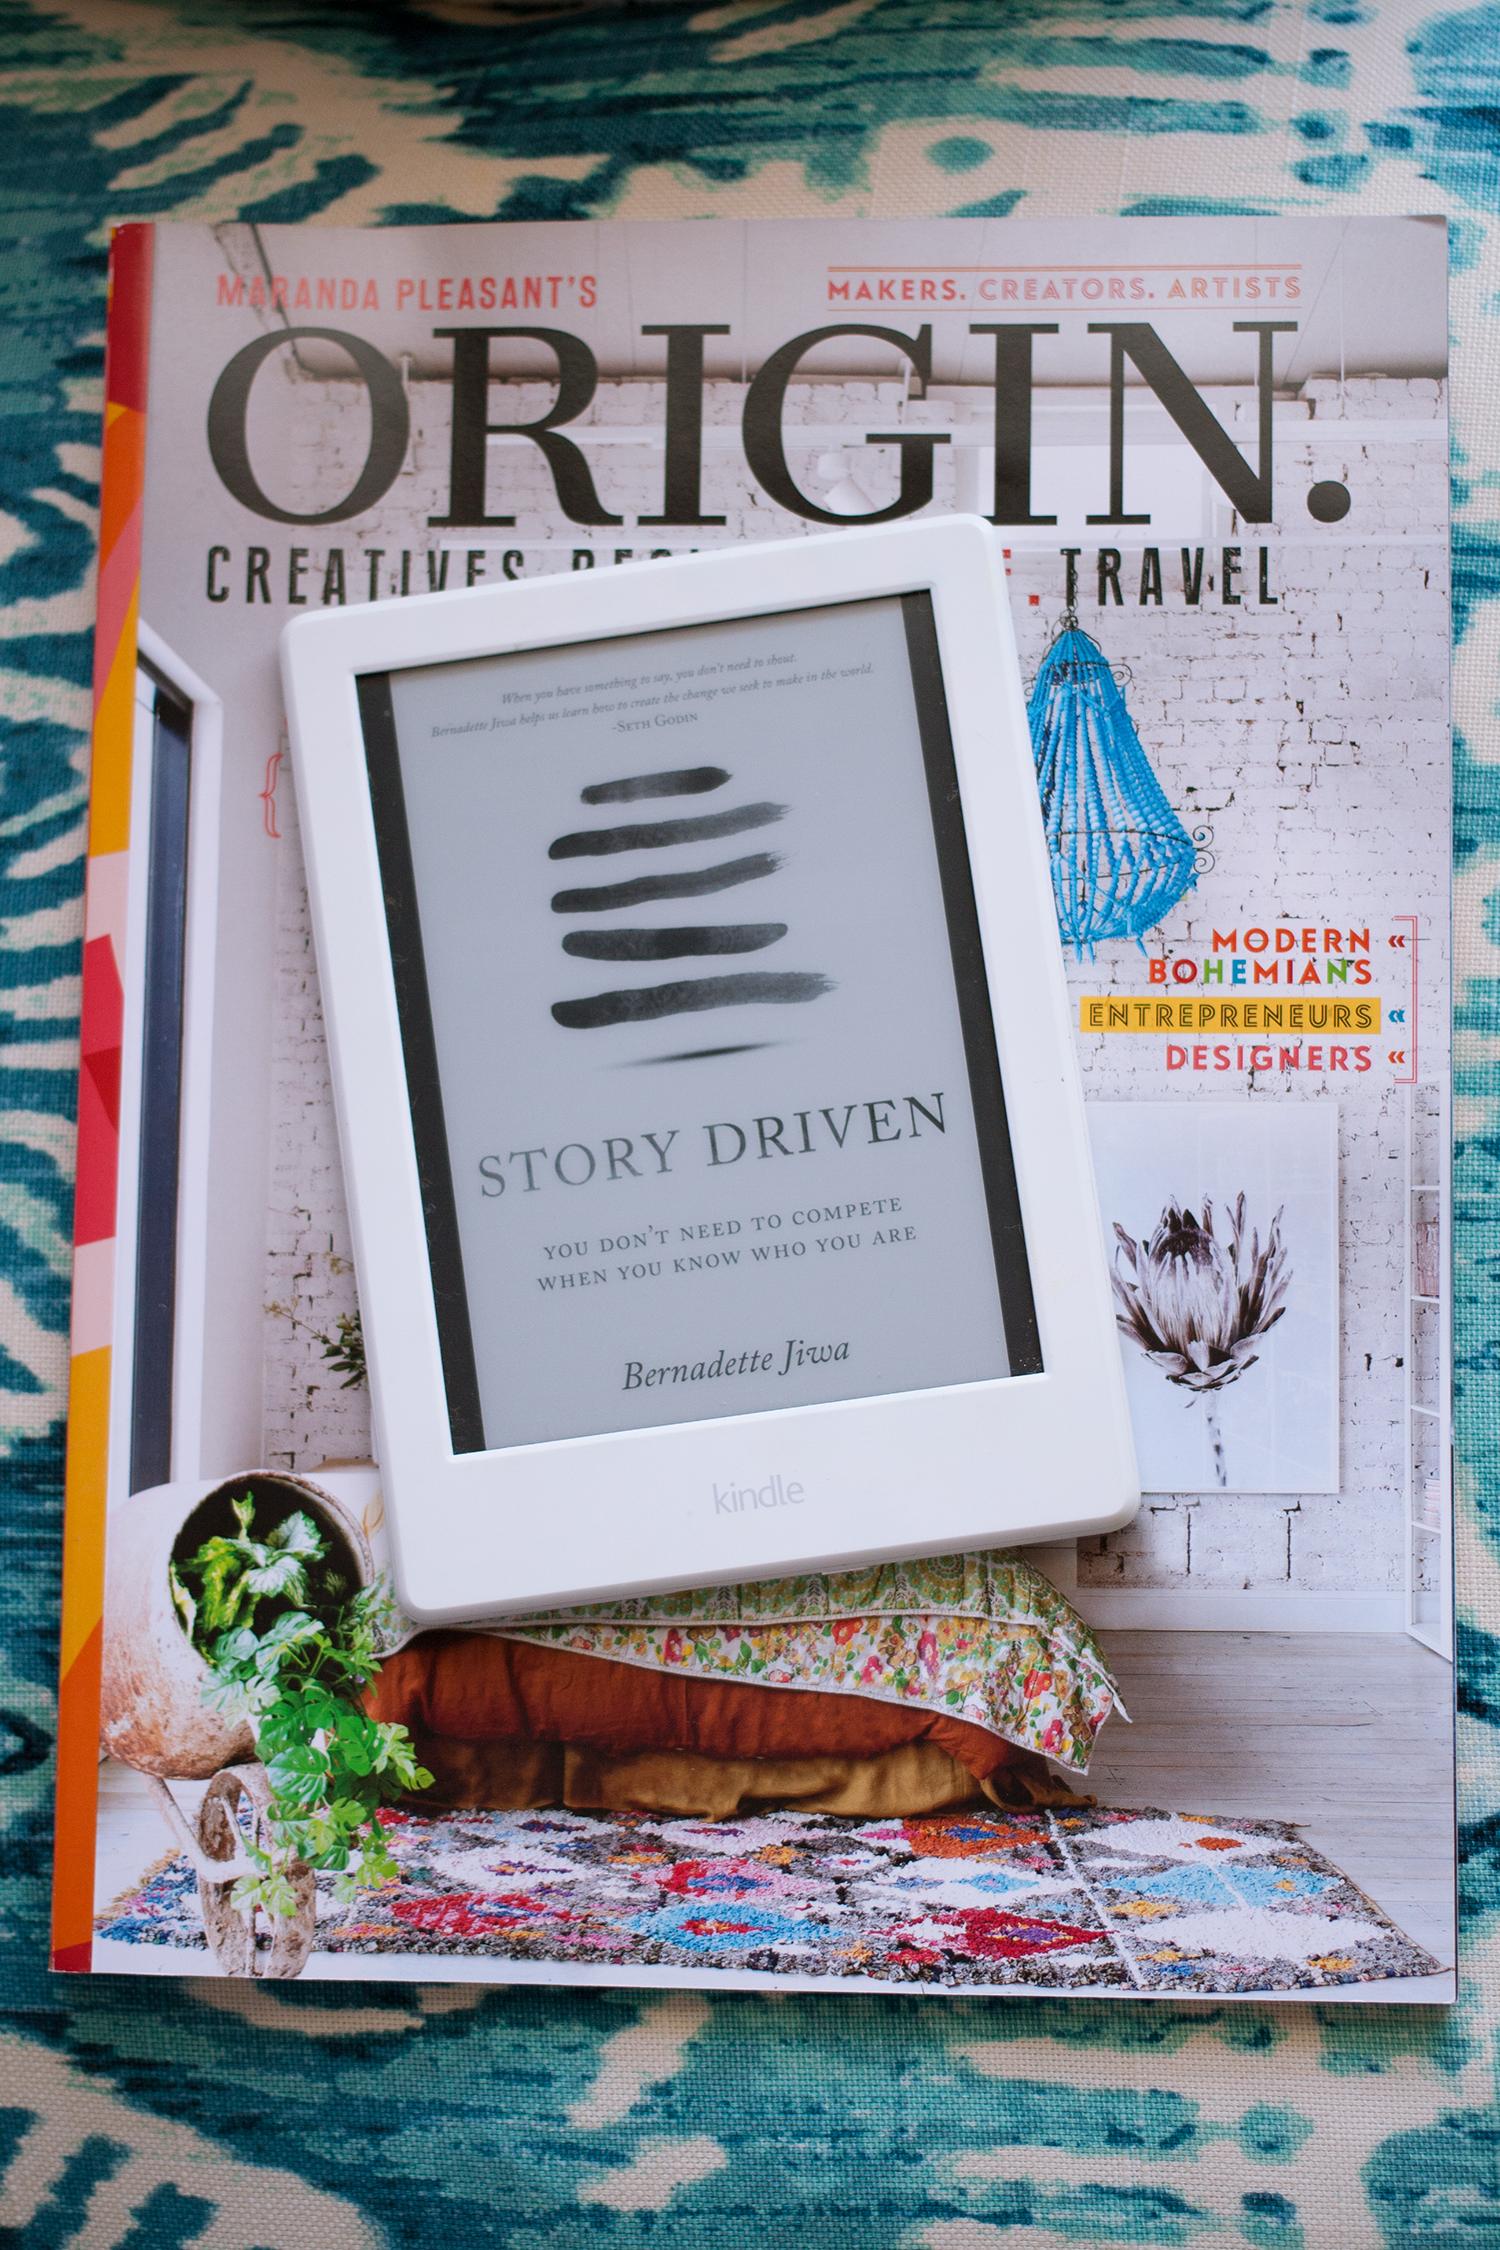 5kindlebooks2_storydriven_vertical.png